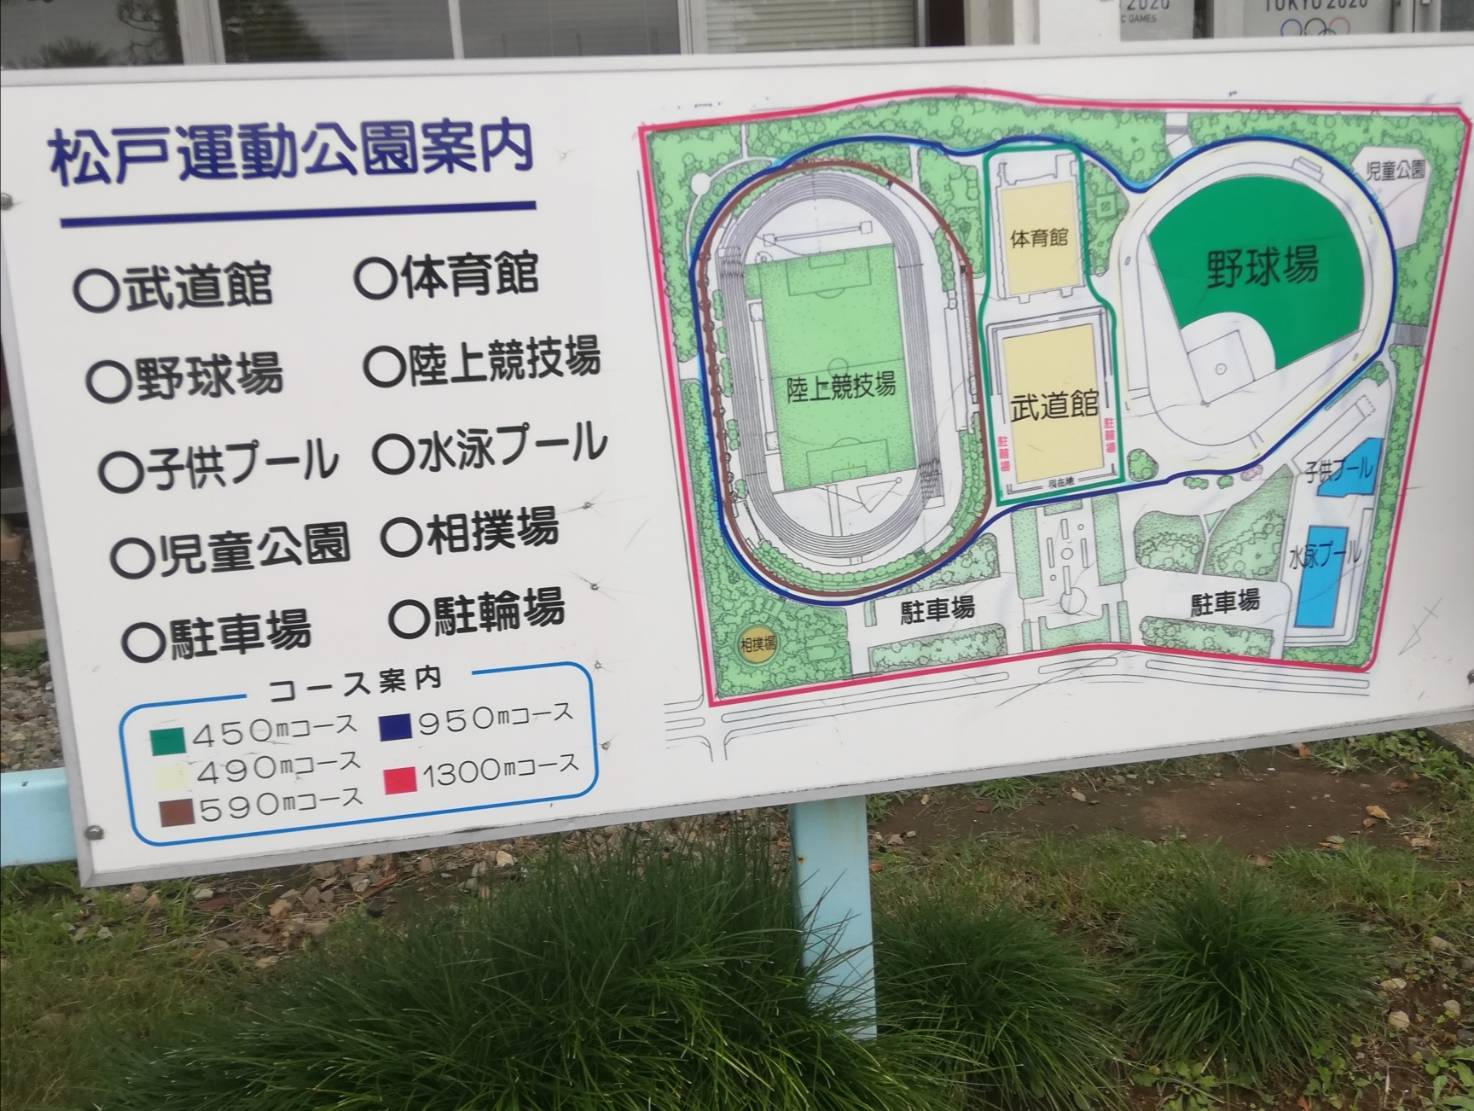 松戸陸上競技場運動公園